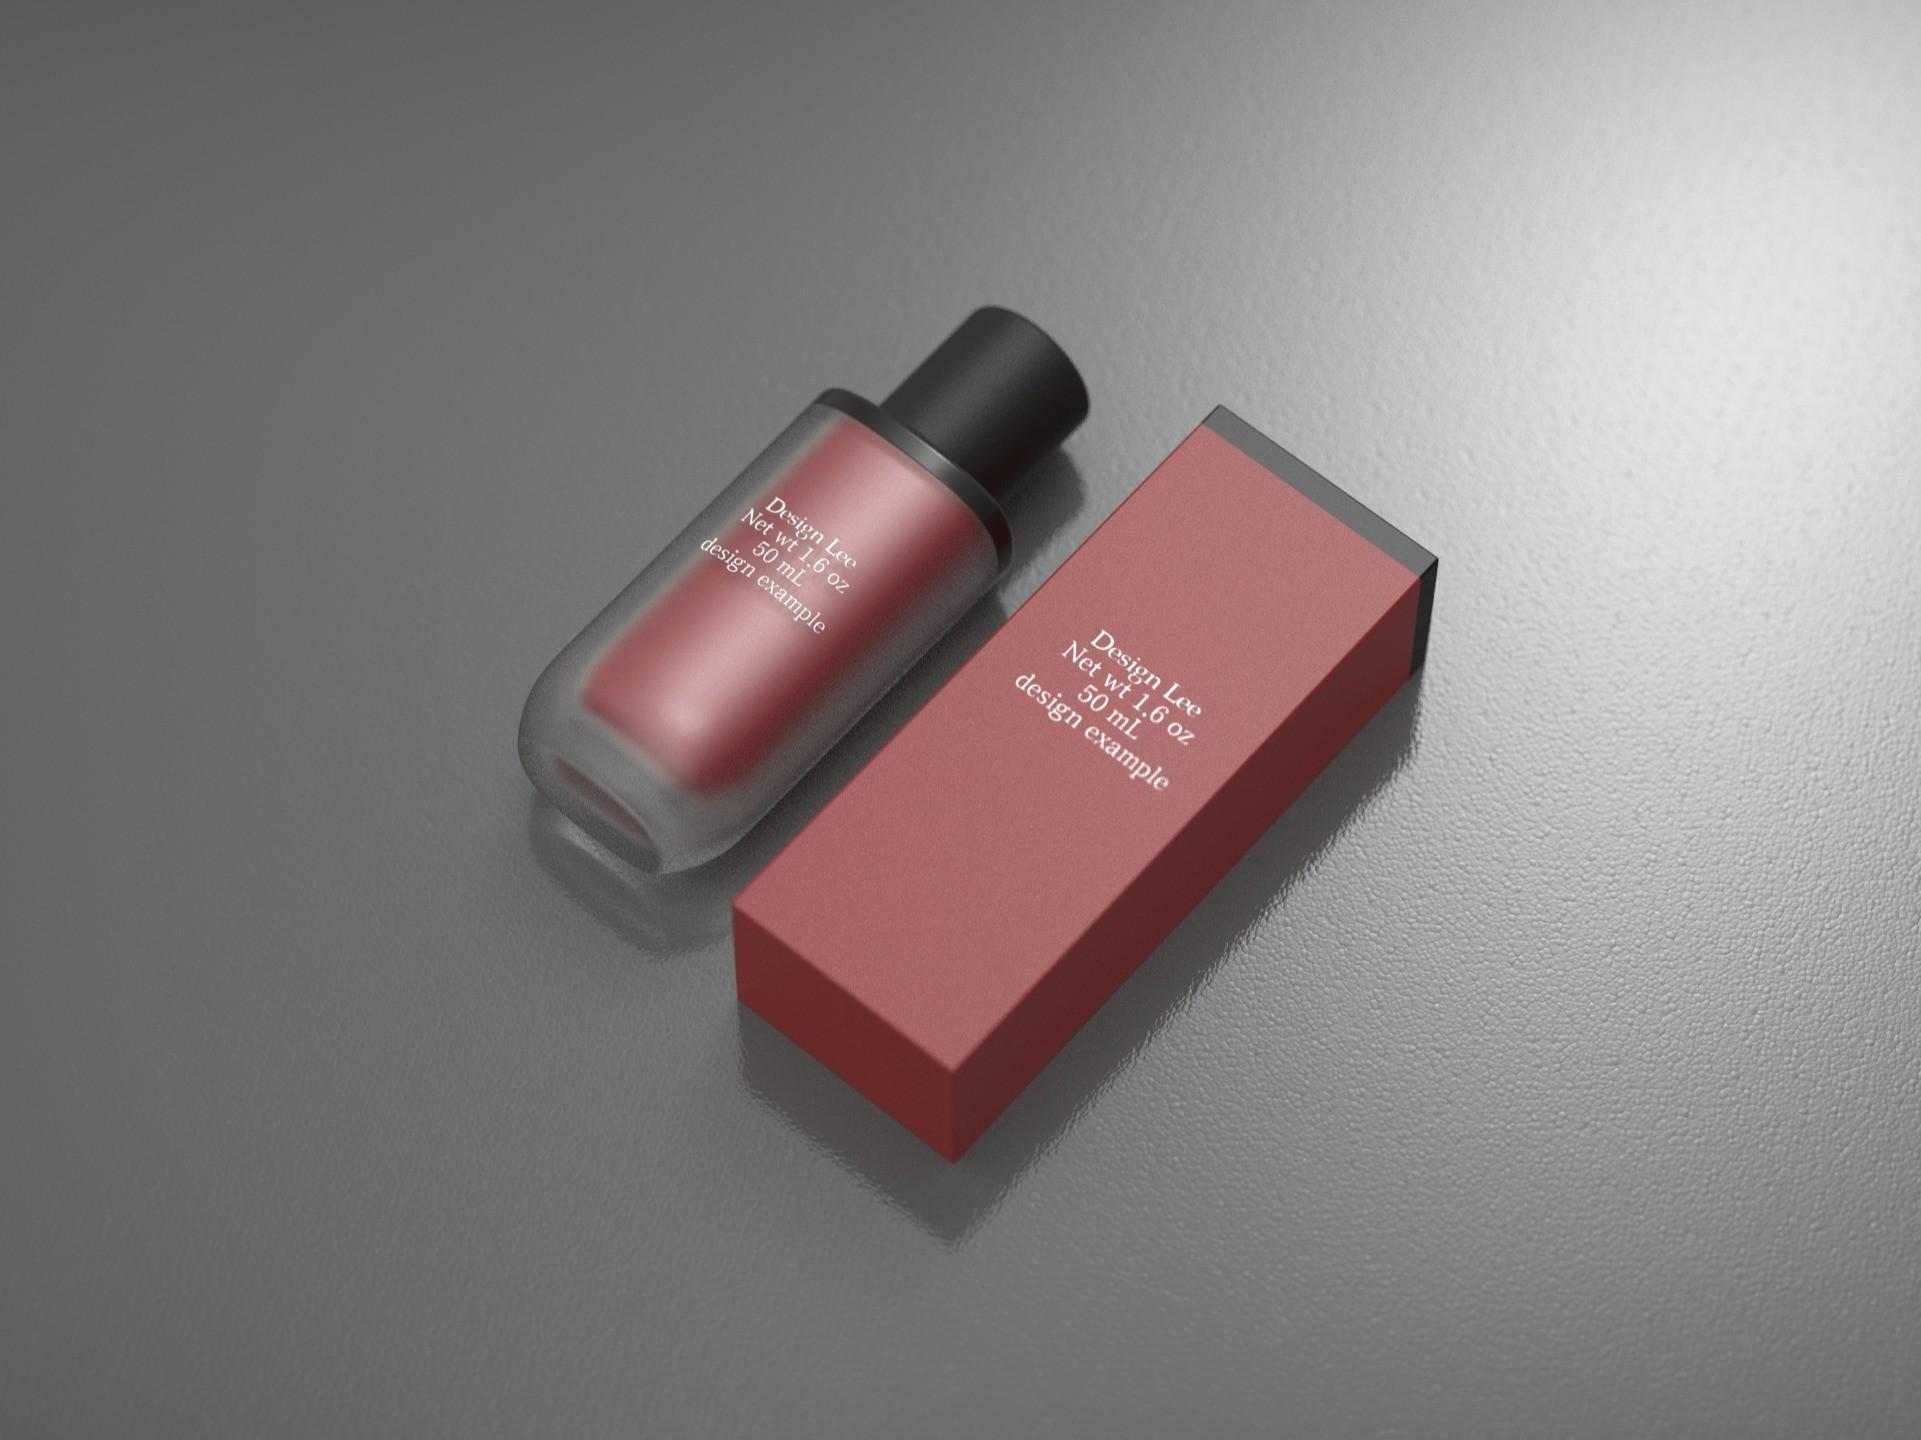 퀄리티있는 화장품, 제품 디자인 렌더링 모델링 해 드립니다.